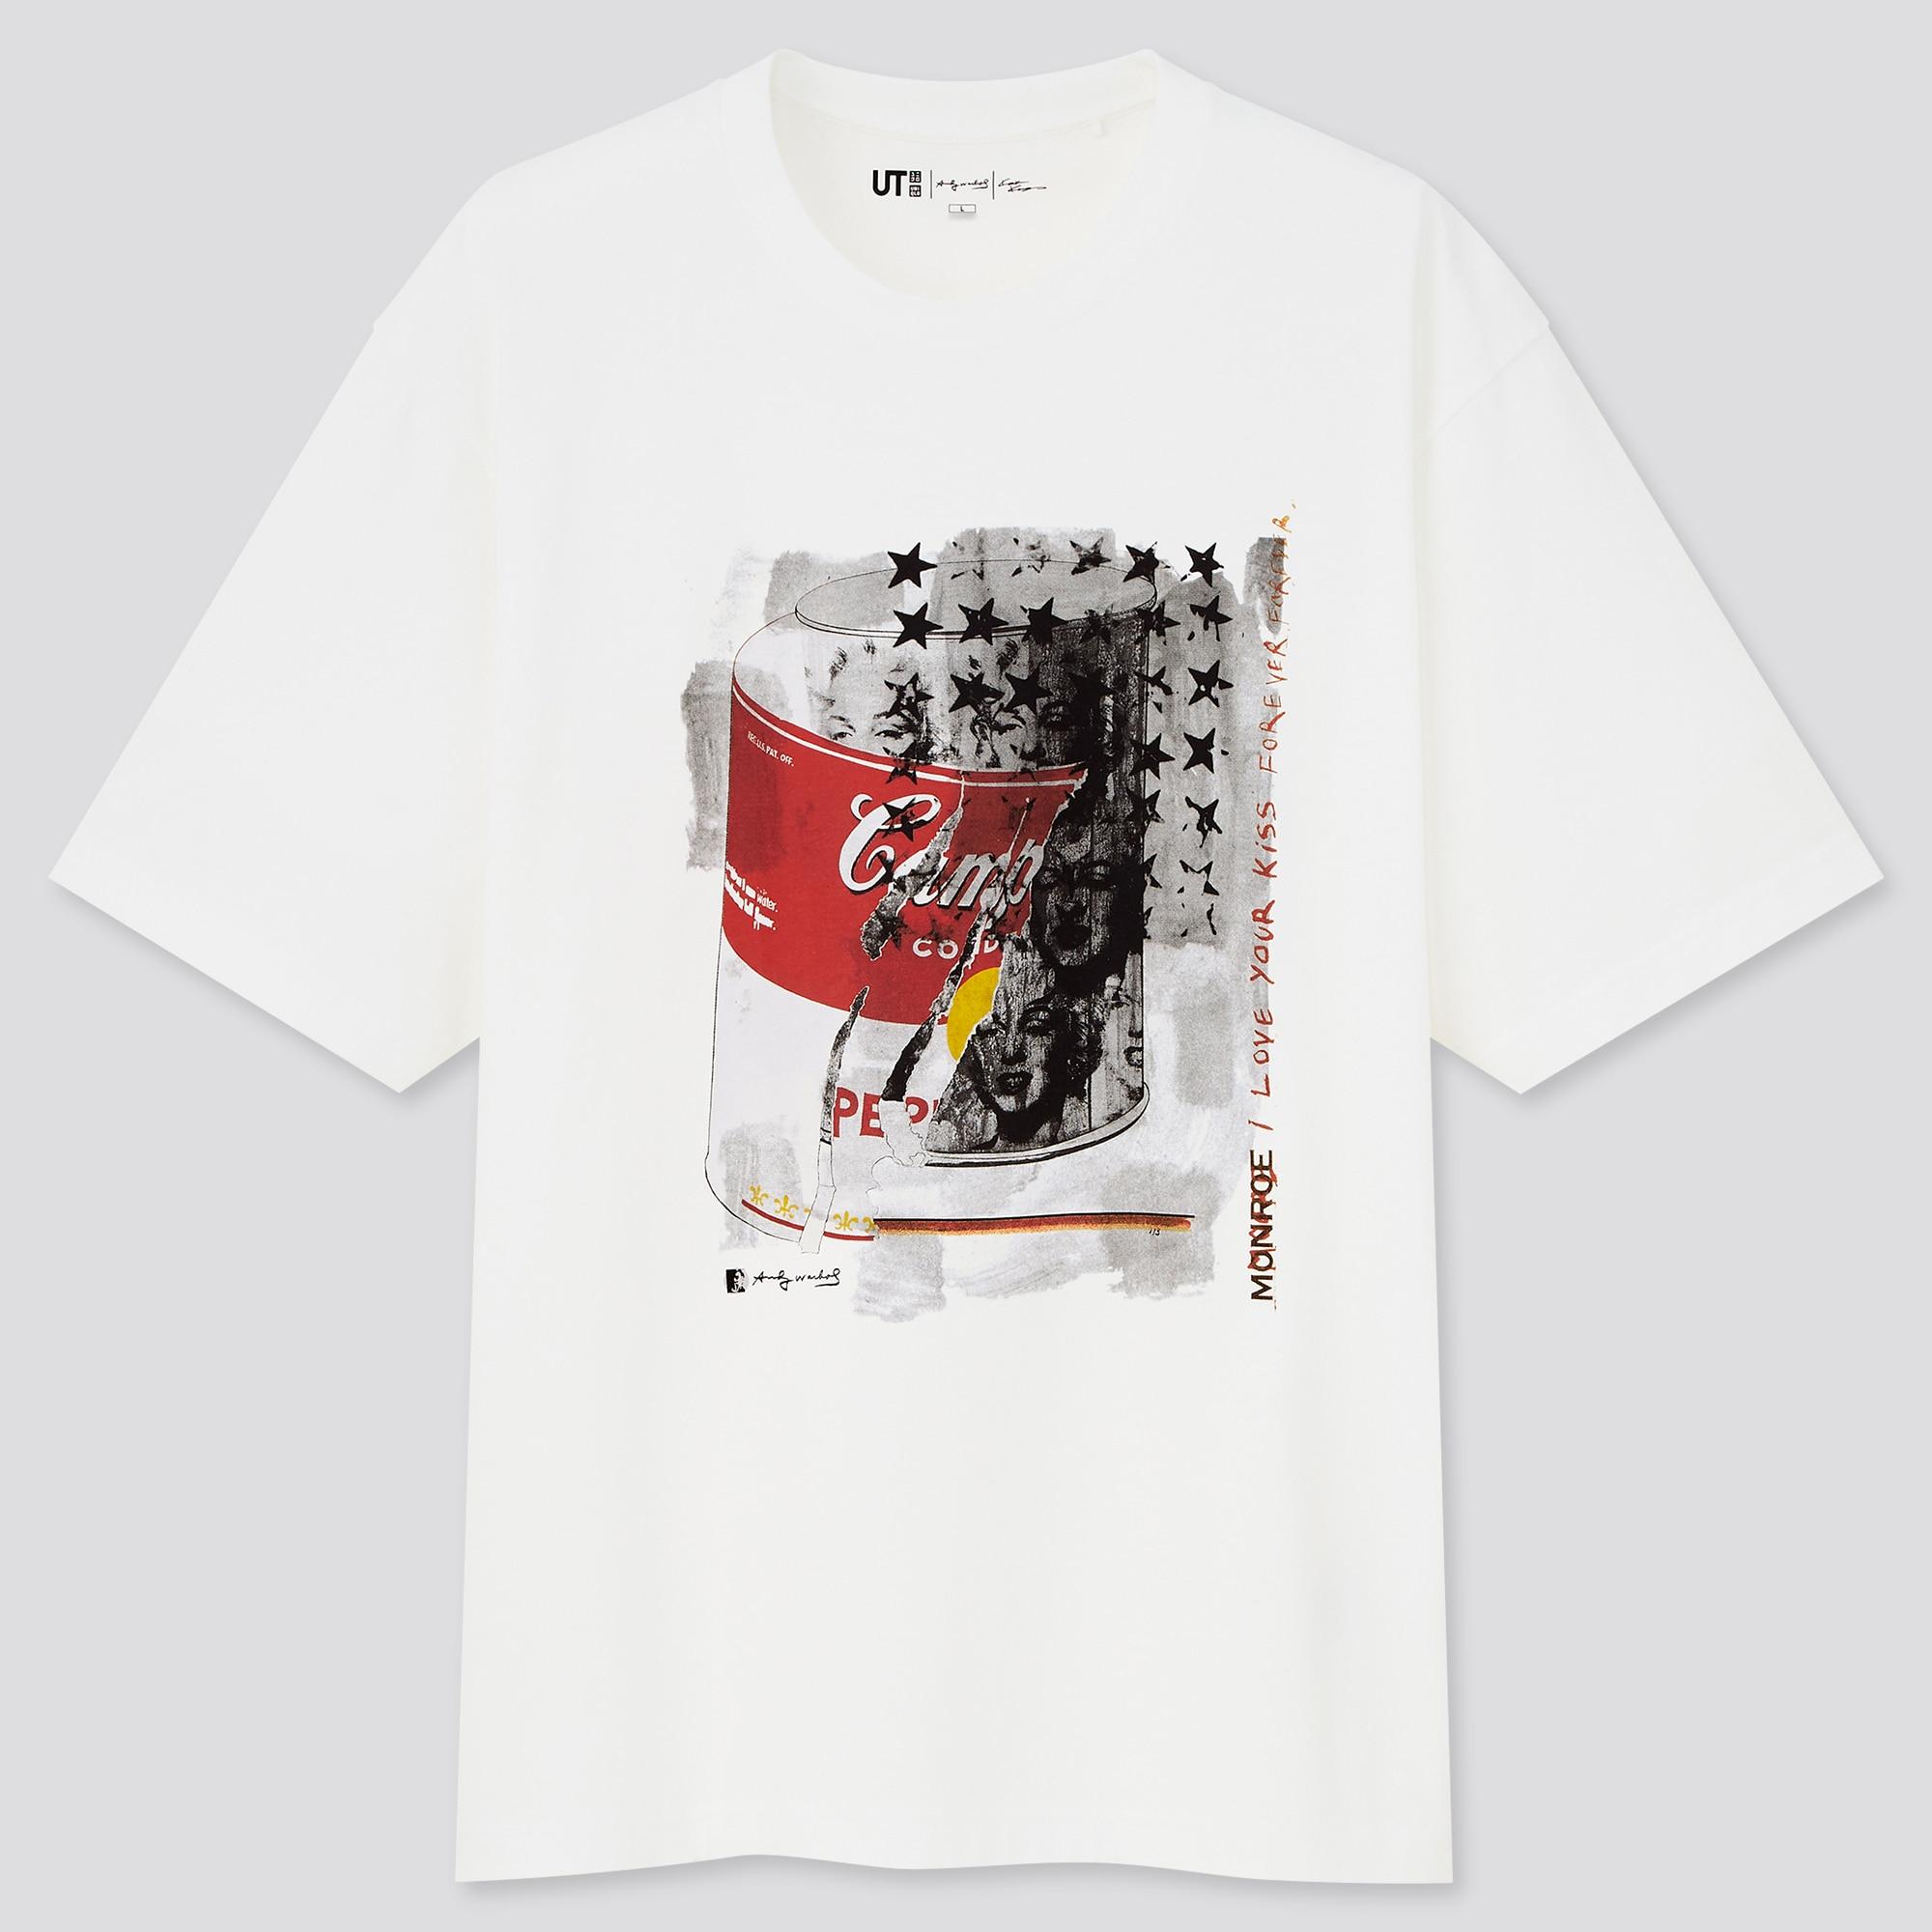 涼しい シャツ ユニクロ t